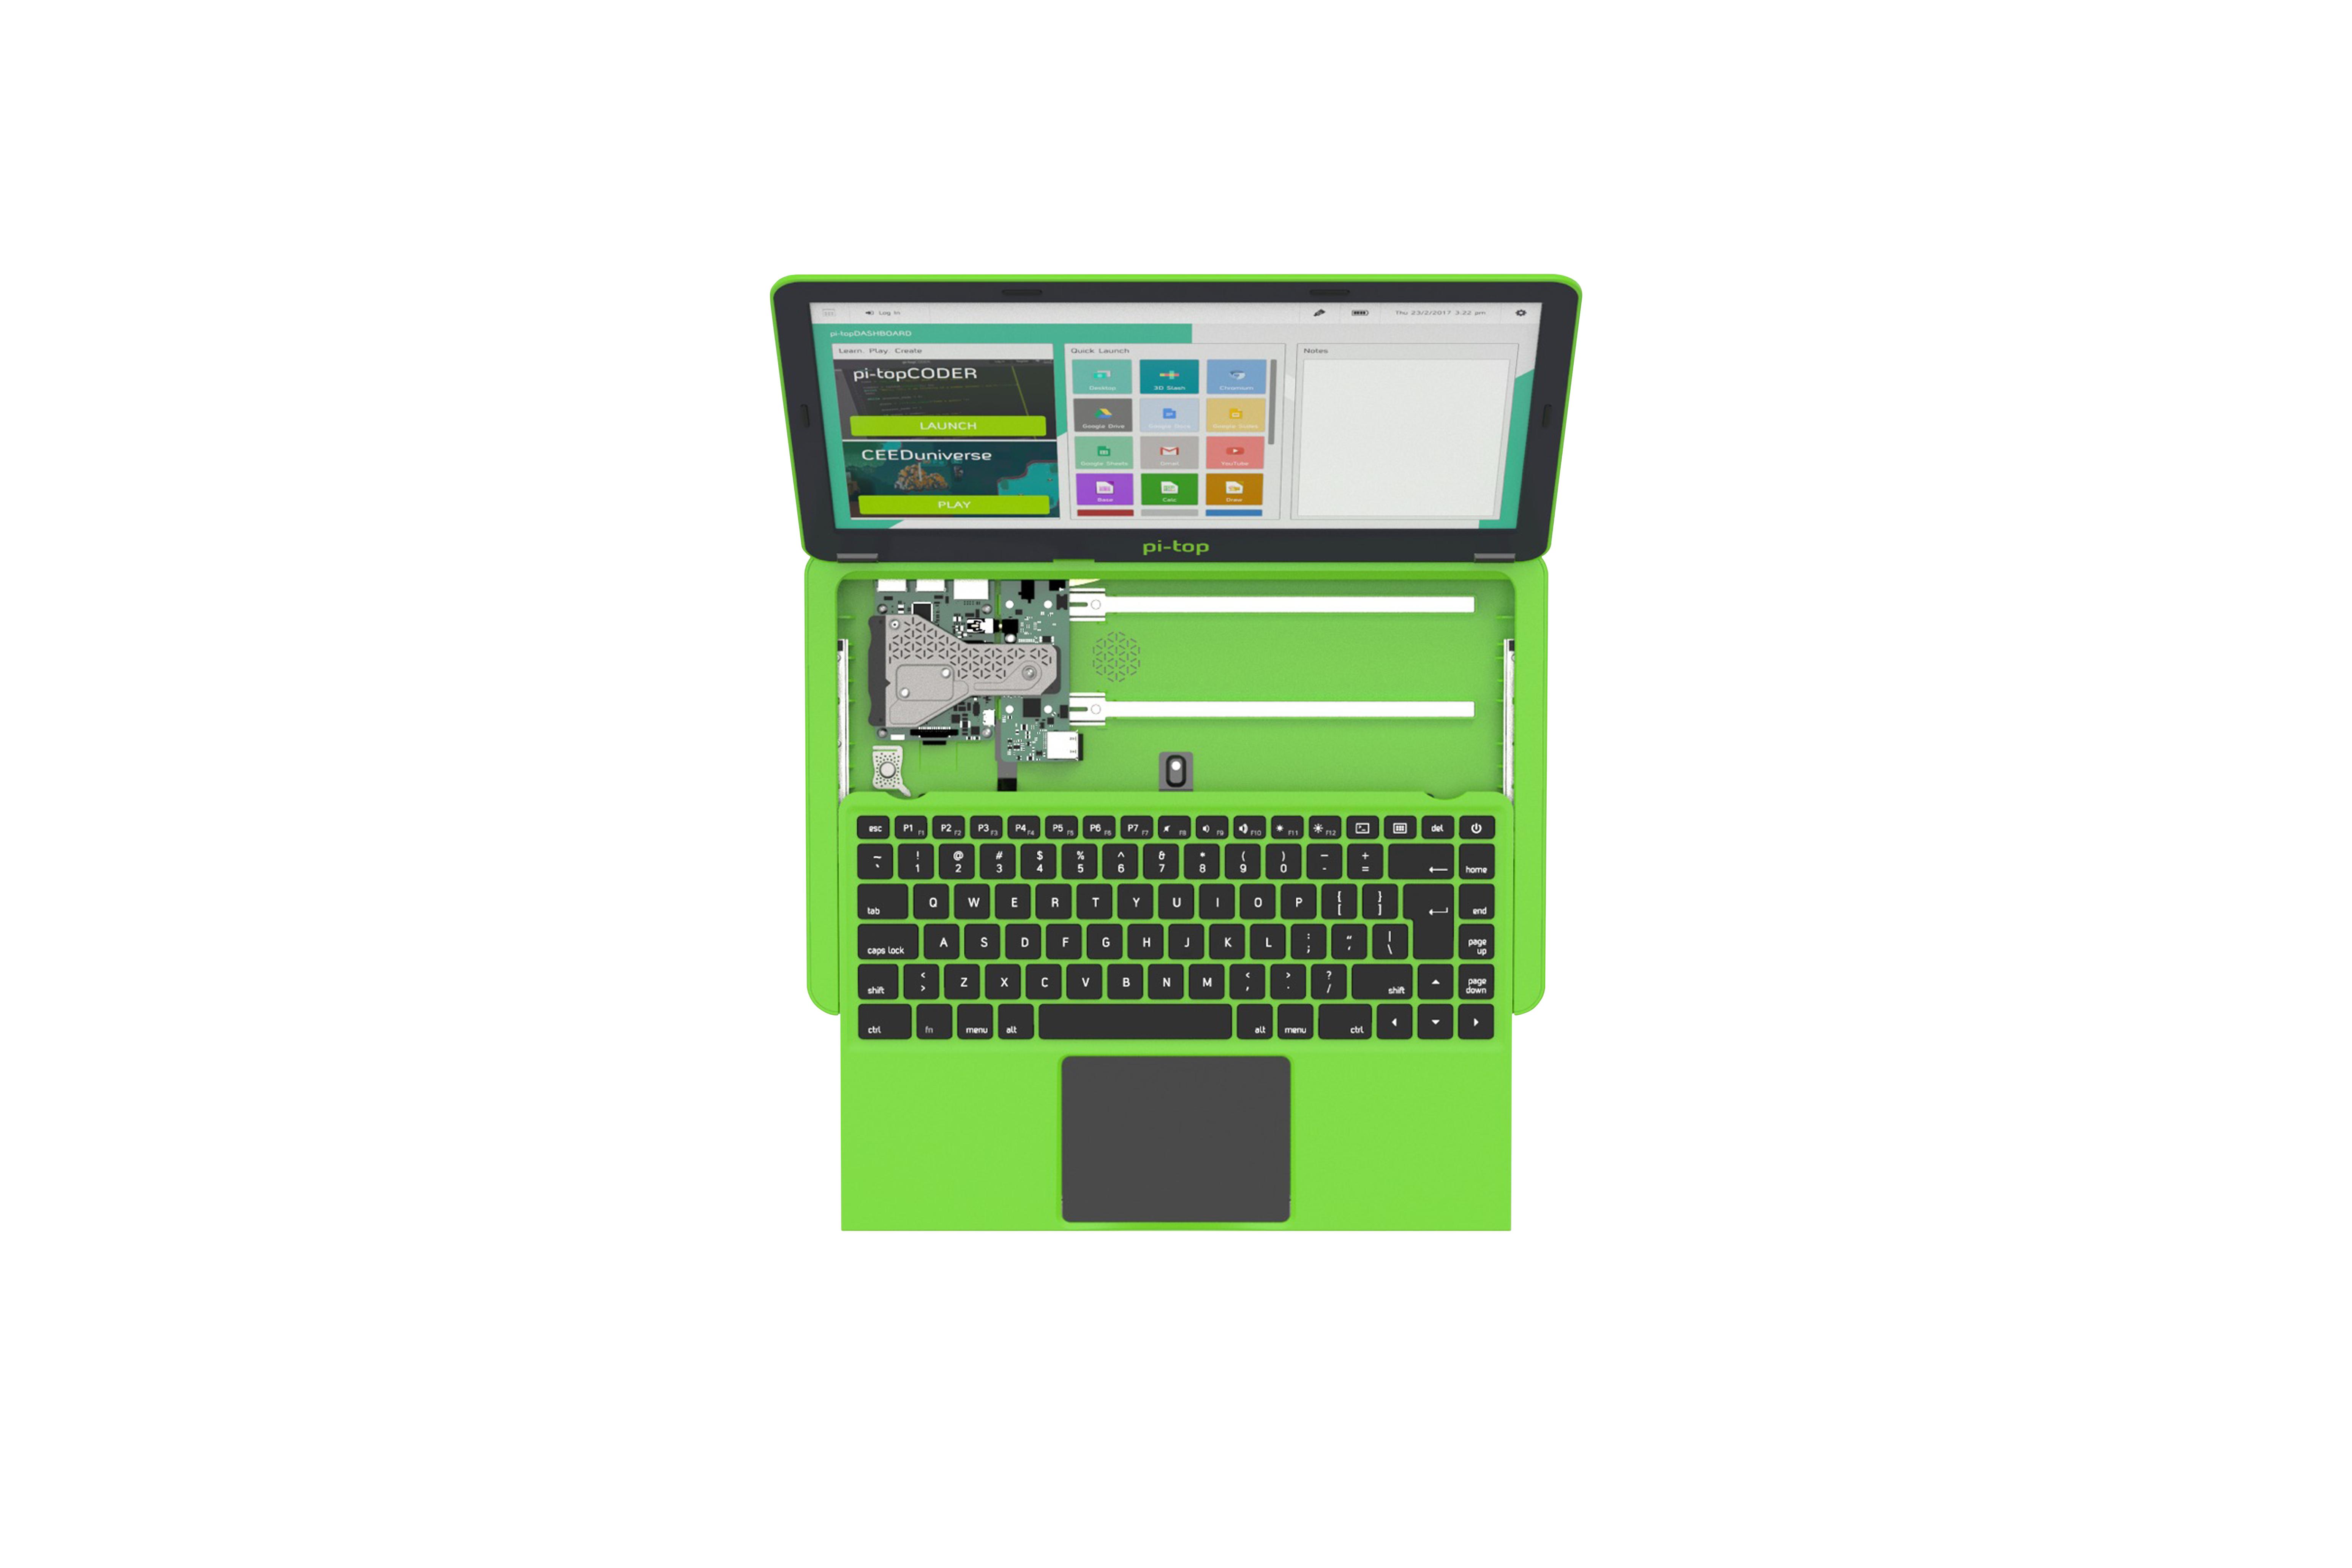 UK-Tastatur und Netzteil für Pi-Top - grün